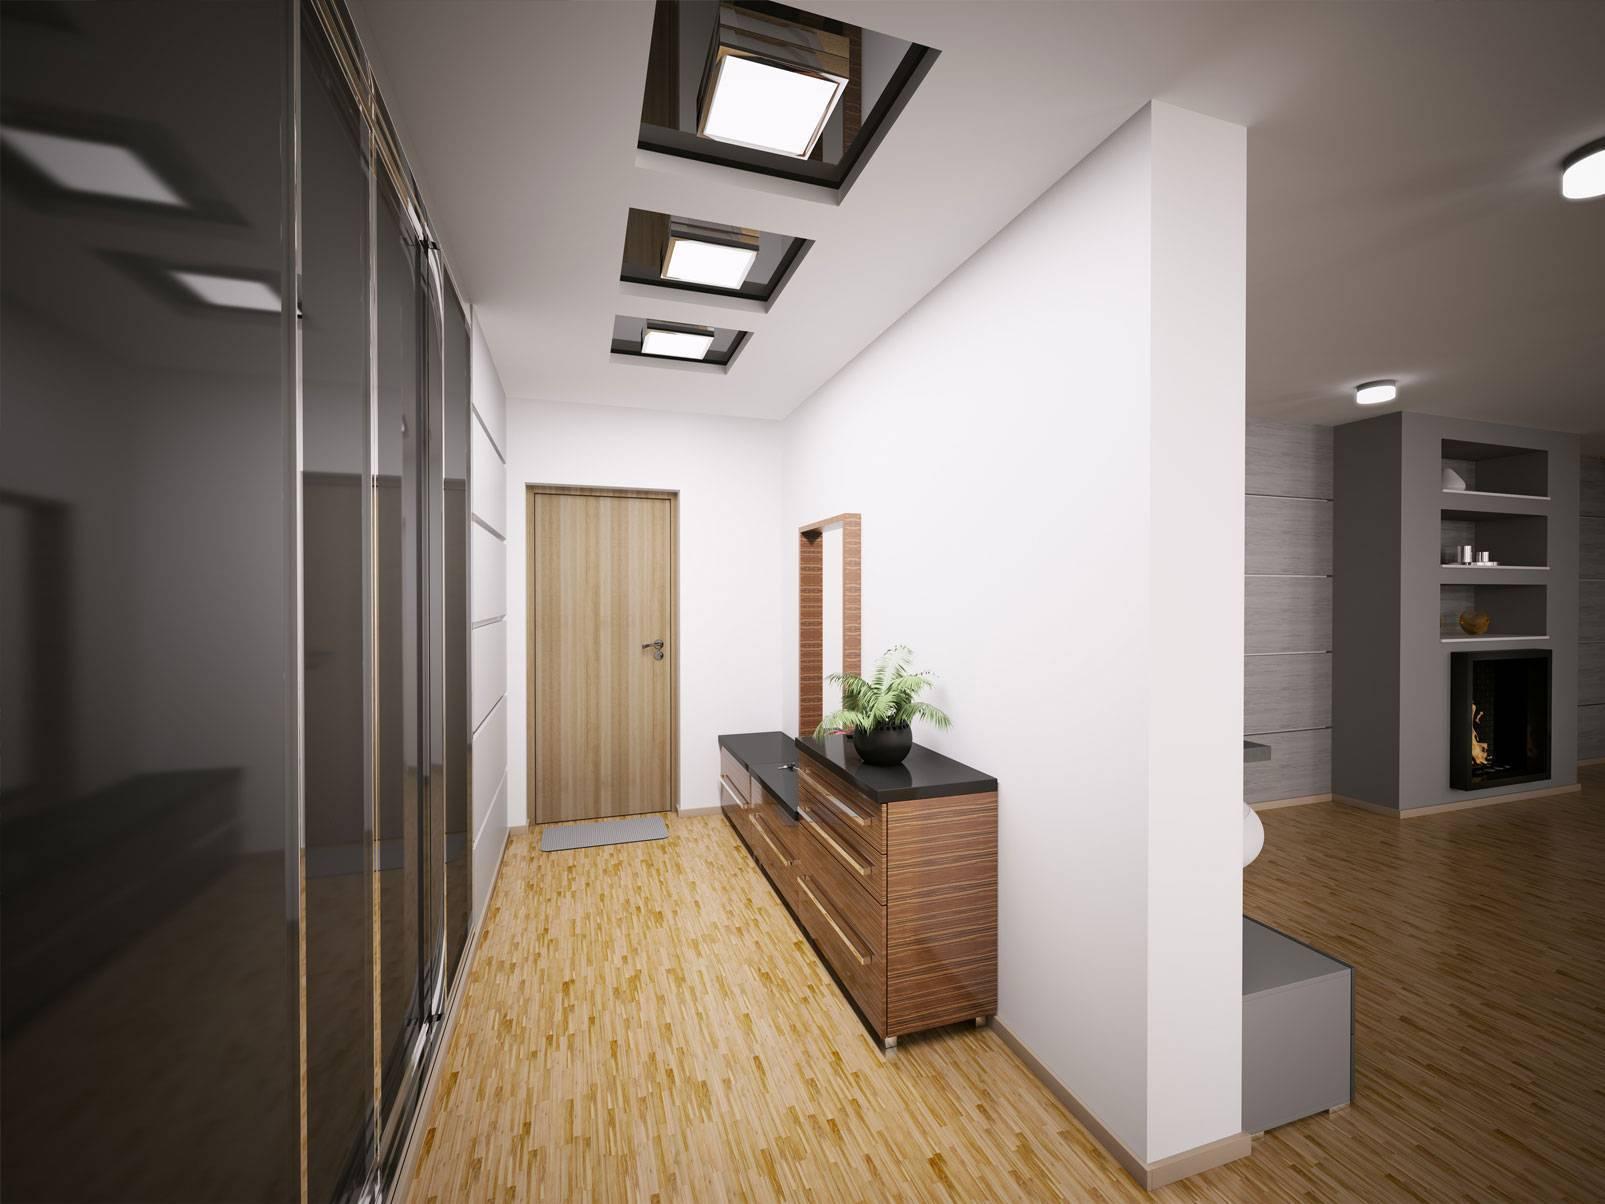 Дизайн узкого коридора в квартире: фото и 20 советов по оформлению